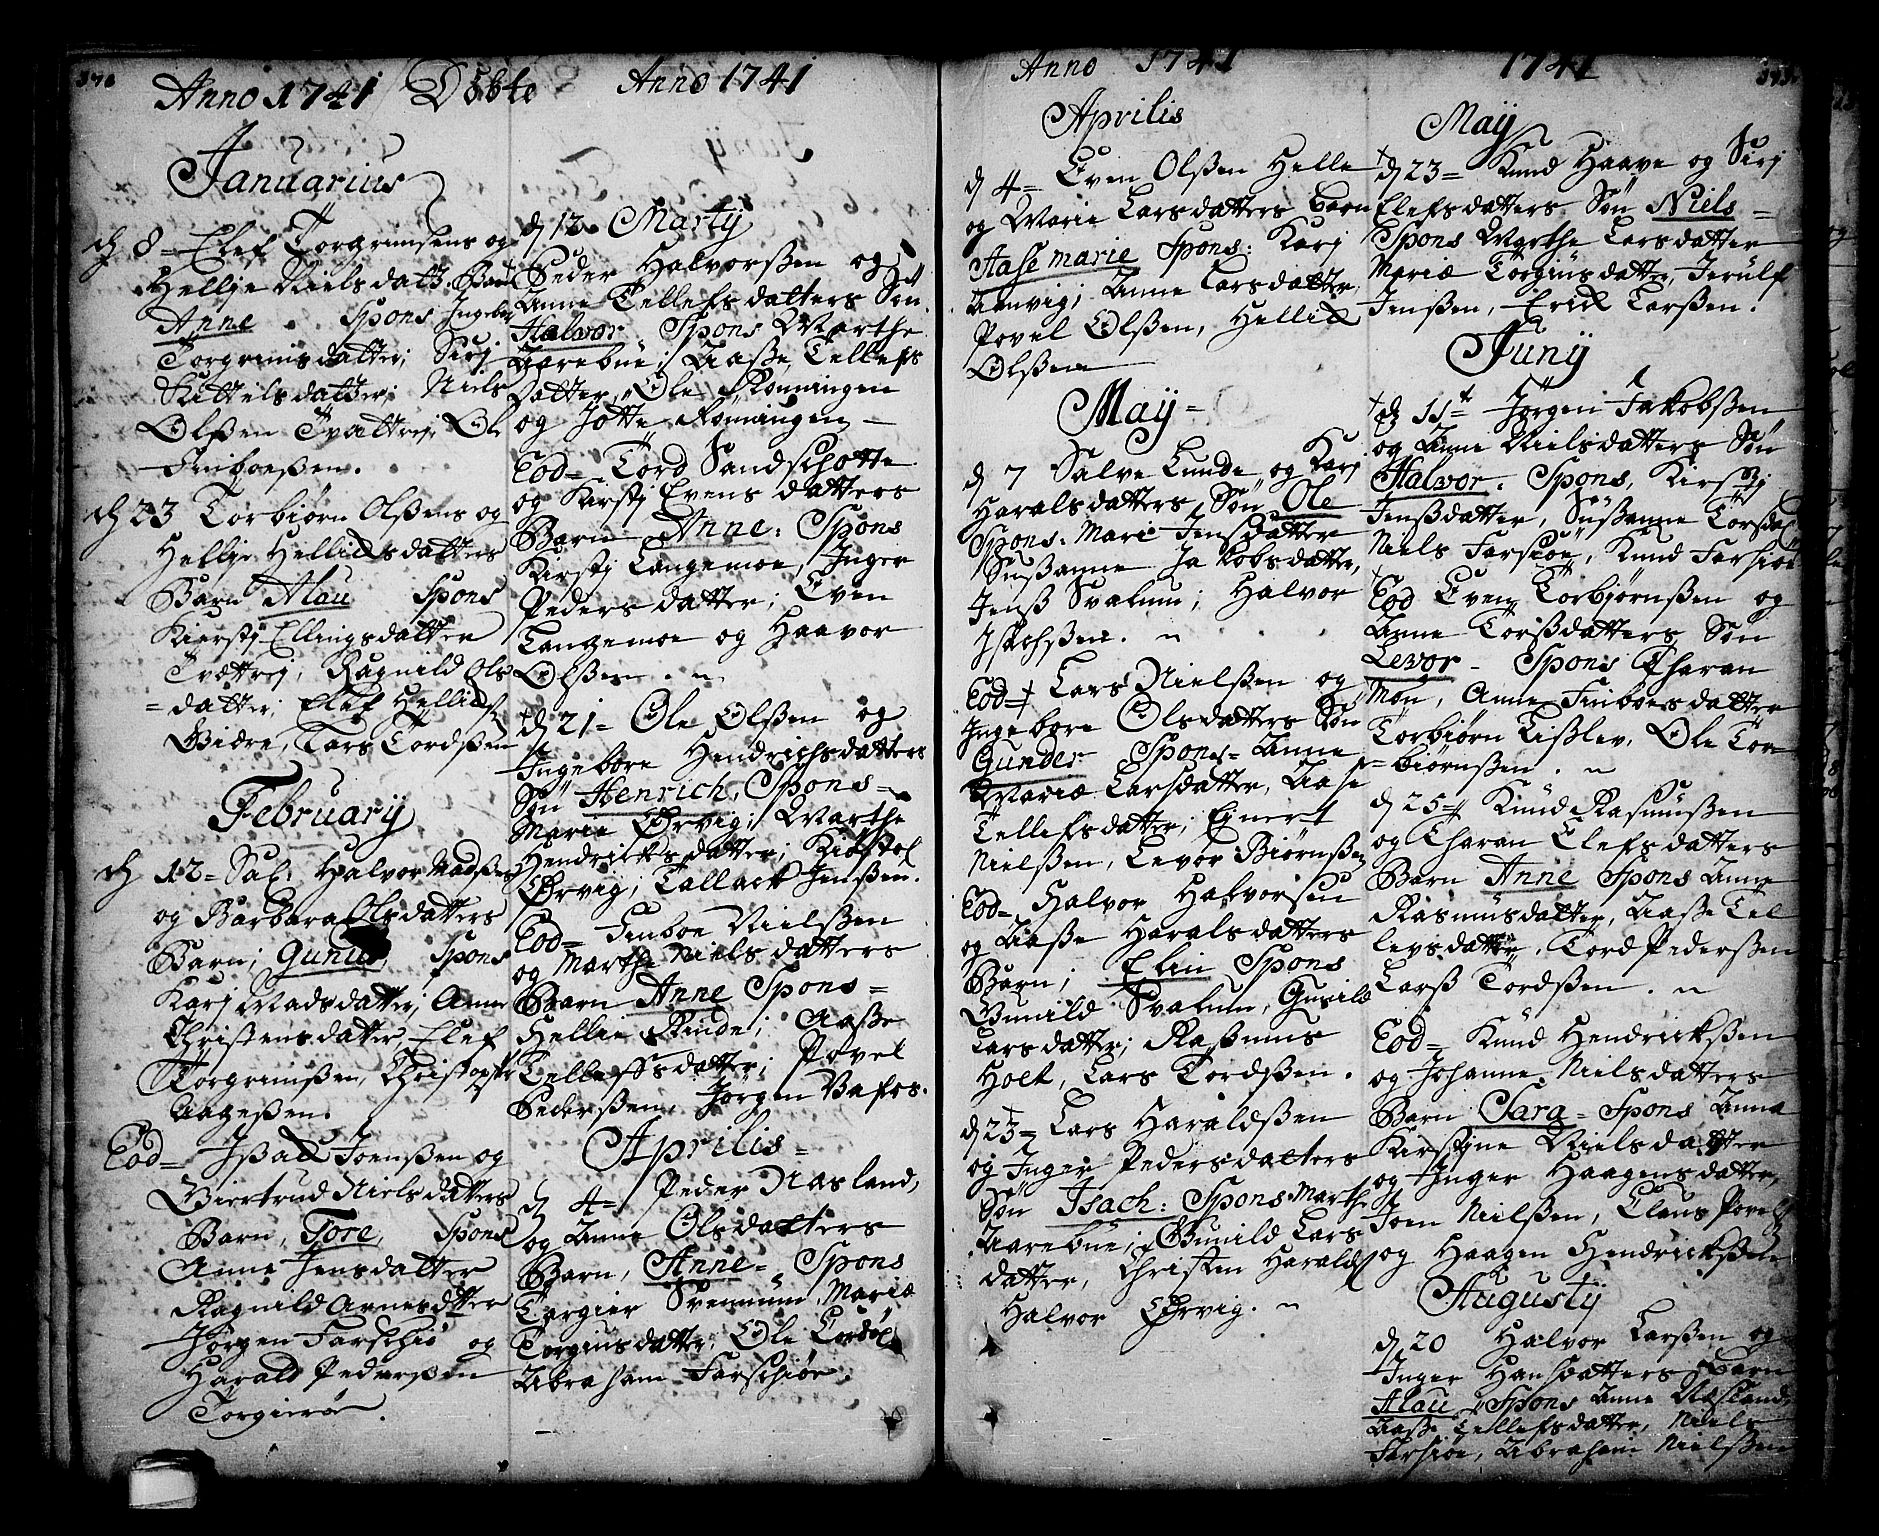 SAKO, Sannidal kirkebøker, F/Fa/L0001: Ministerialbok nr. 1, 1702-1766, s. 170-171